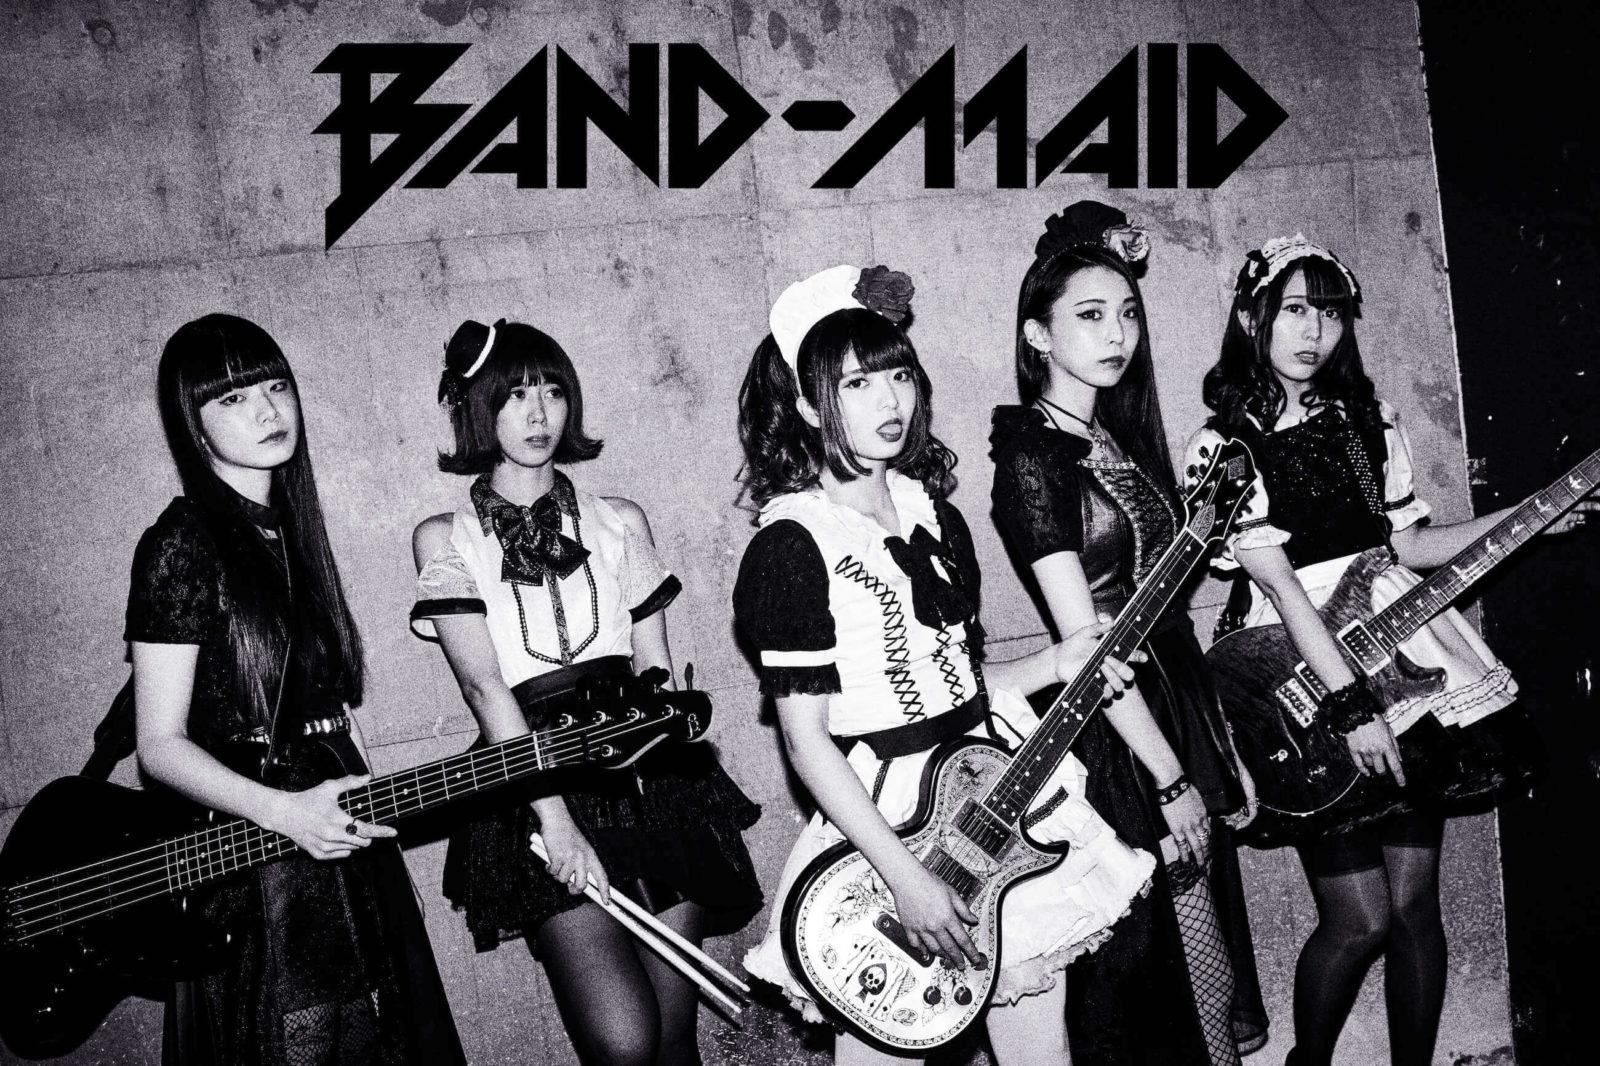 BAND-MAID 3rdシングル「start over」のアートワーク公開サムネイル画像